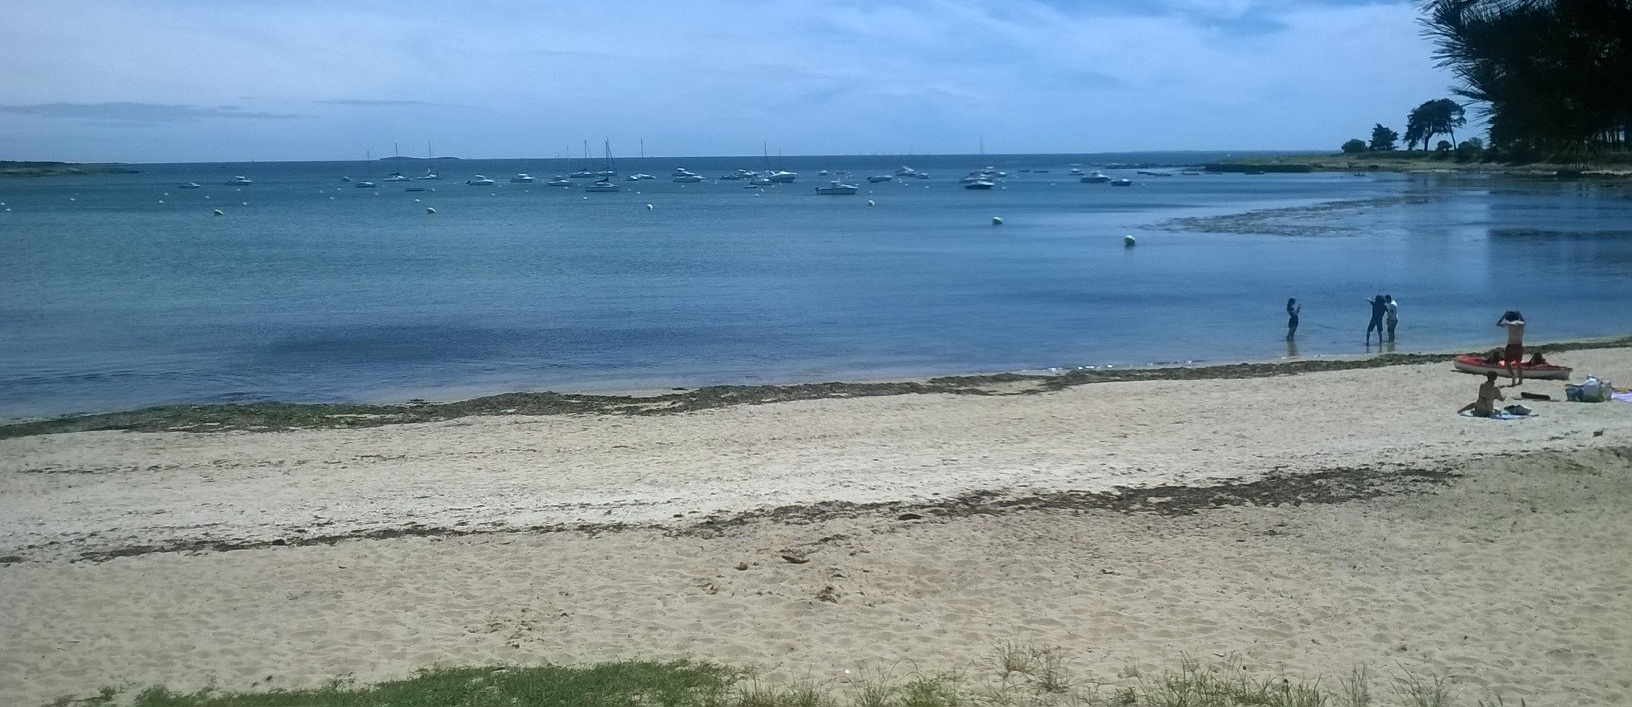 st-philibert-plage-de-men-er-beleg-beach-jun17